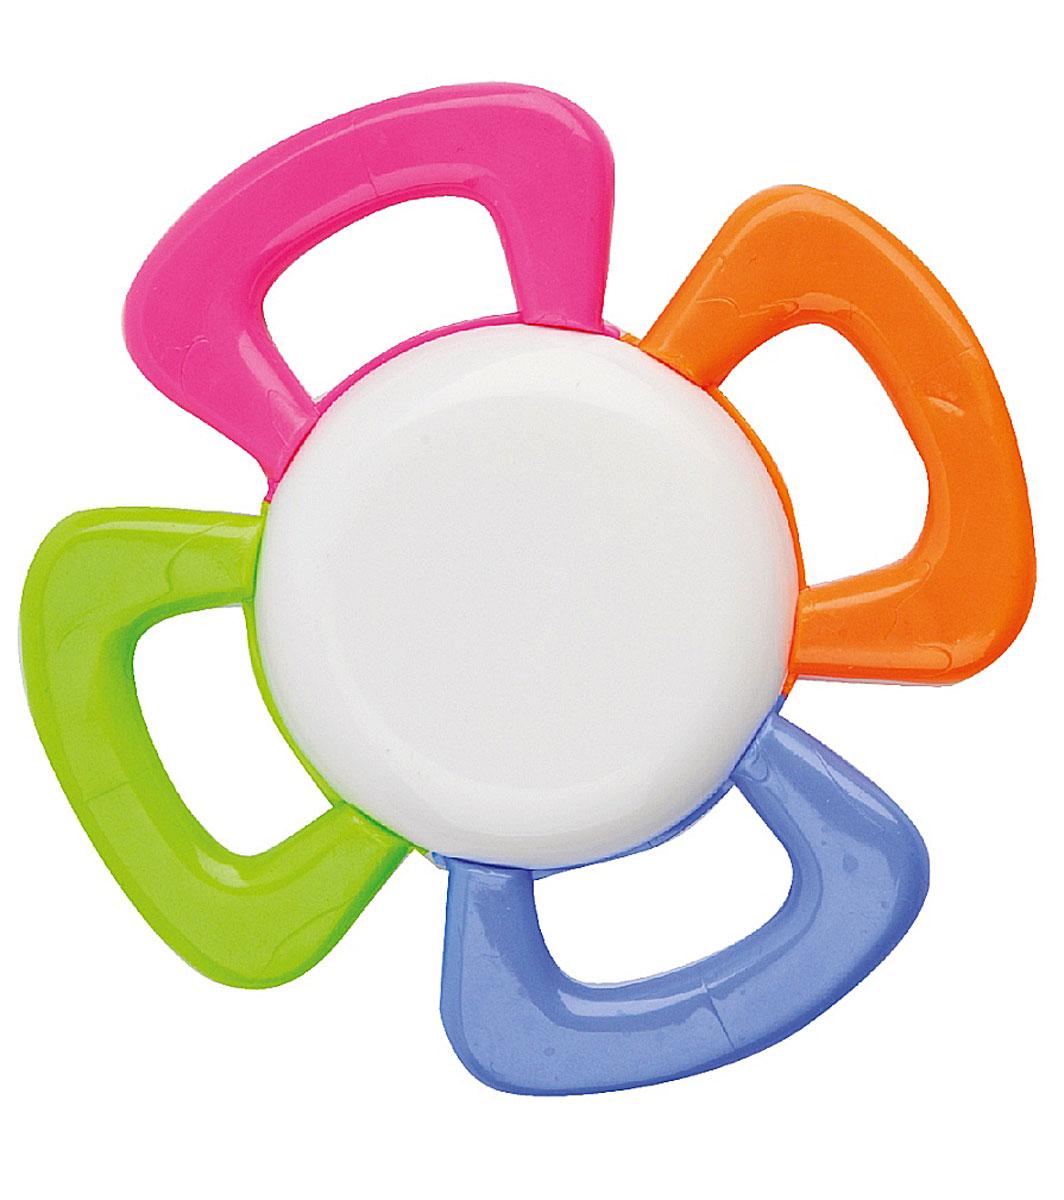 Курносики Погремушка Цветик семицветик23053Погремушка Курносики Цветик-семицветик - легкая игрушка, которую удобно держать в маленьких ручках. Отлично подходит в качестве первой погремушки. Погремушка изготовлена в виде белого цветка с четырьмя разноцветными листочками. Развивает слух, мелкую моторику, мышление, концентрацию внимания и цветовое восприятие.